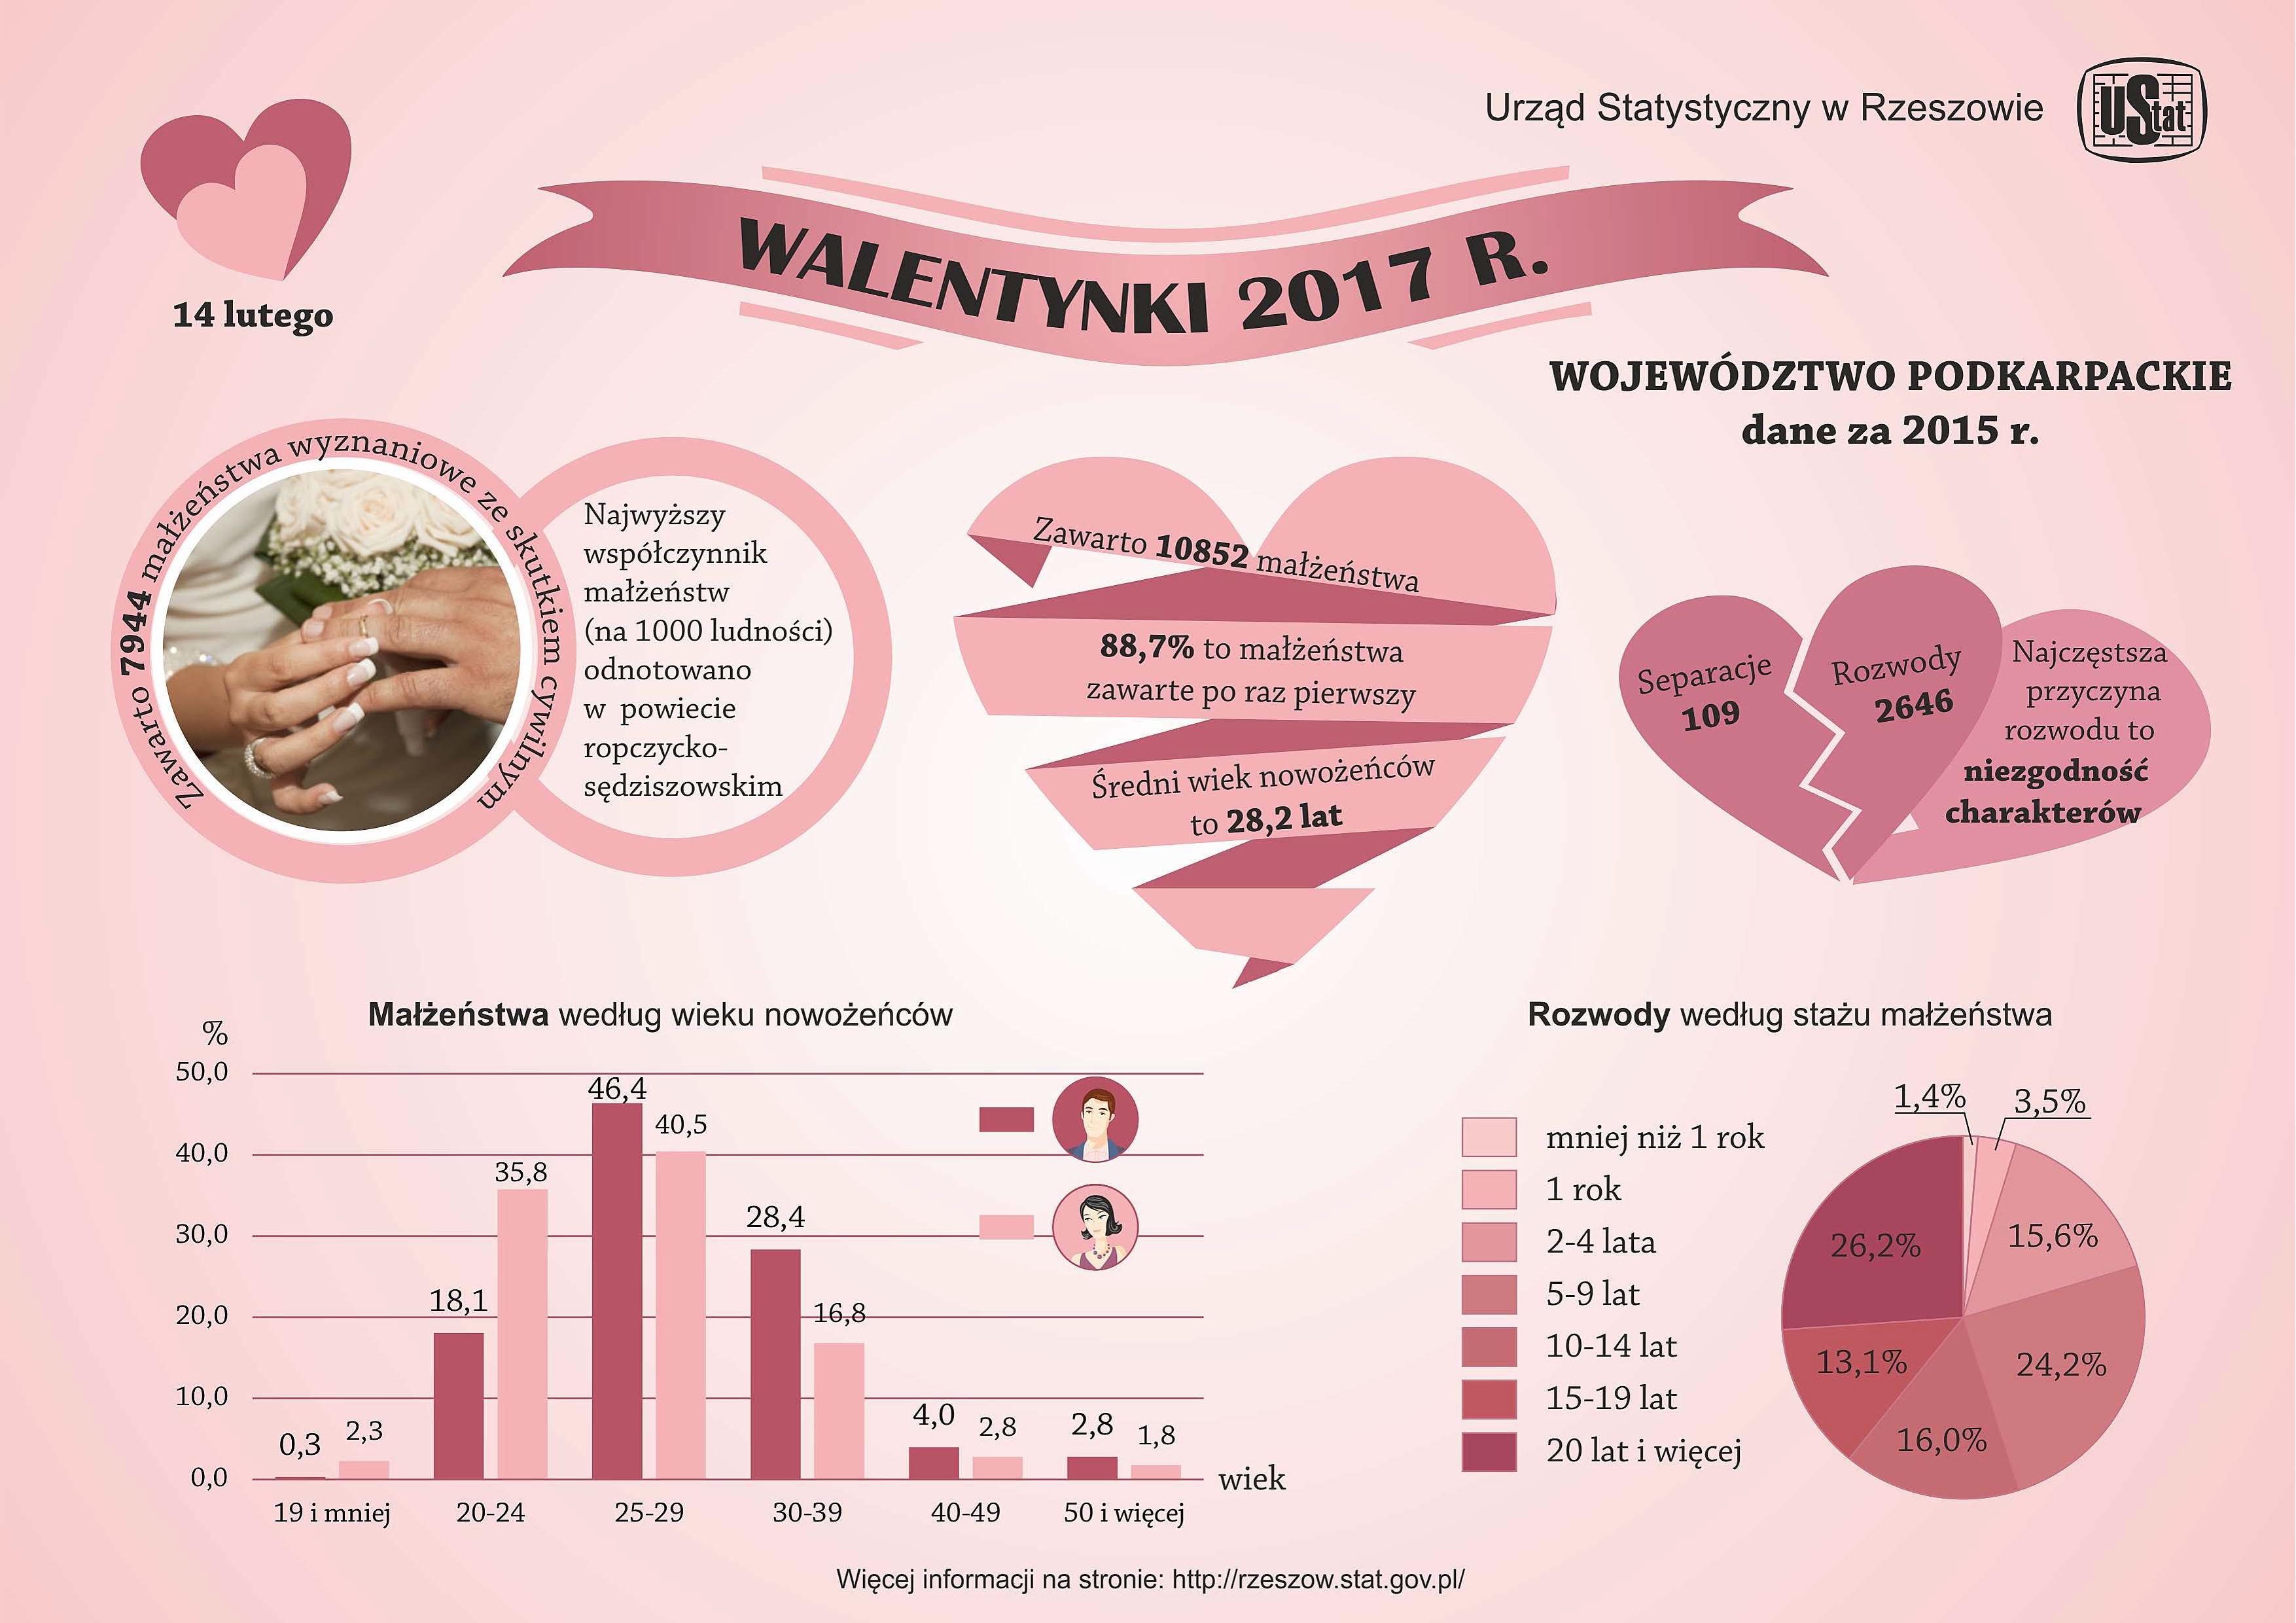 Urząd Statystyczny W Rzeszowie Infografiki Us Infografika